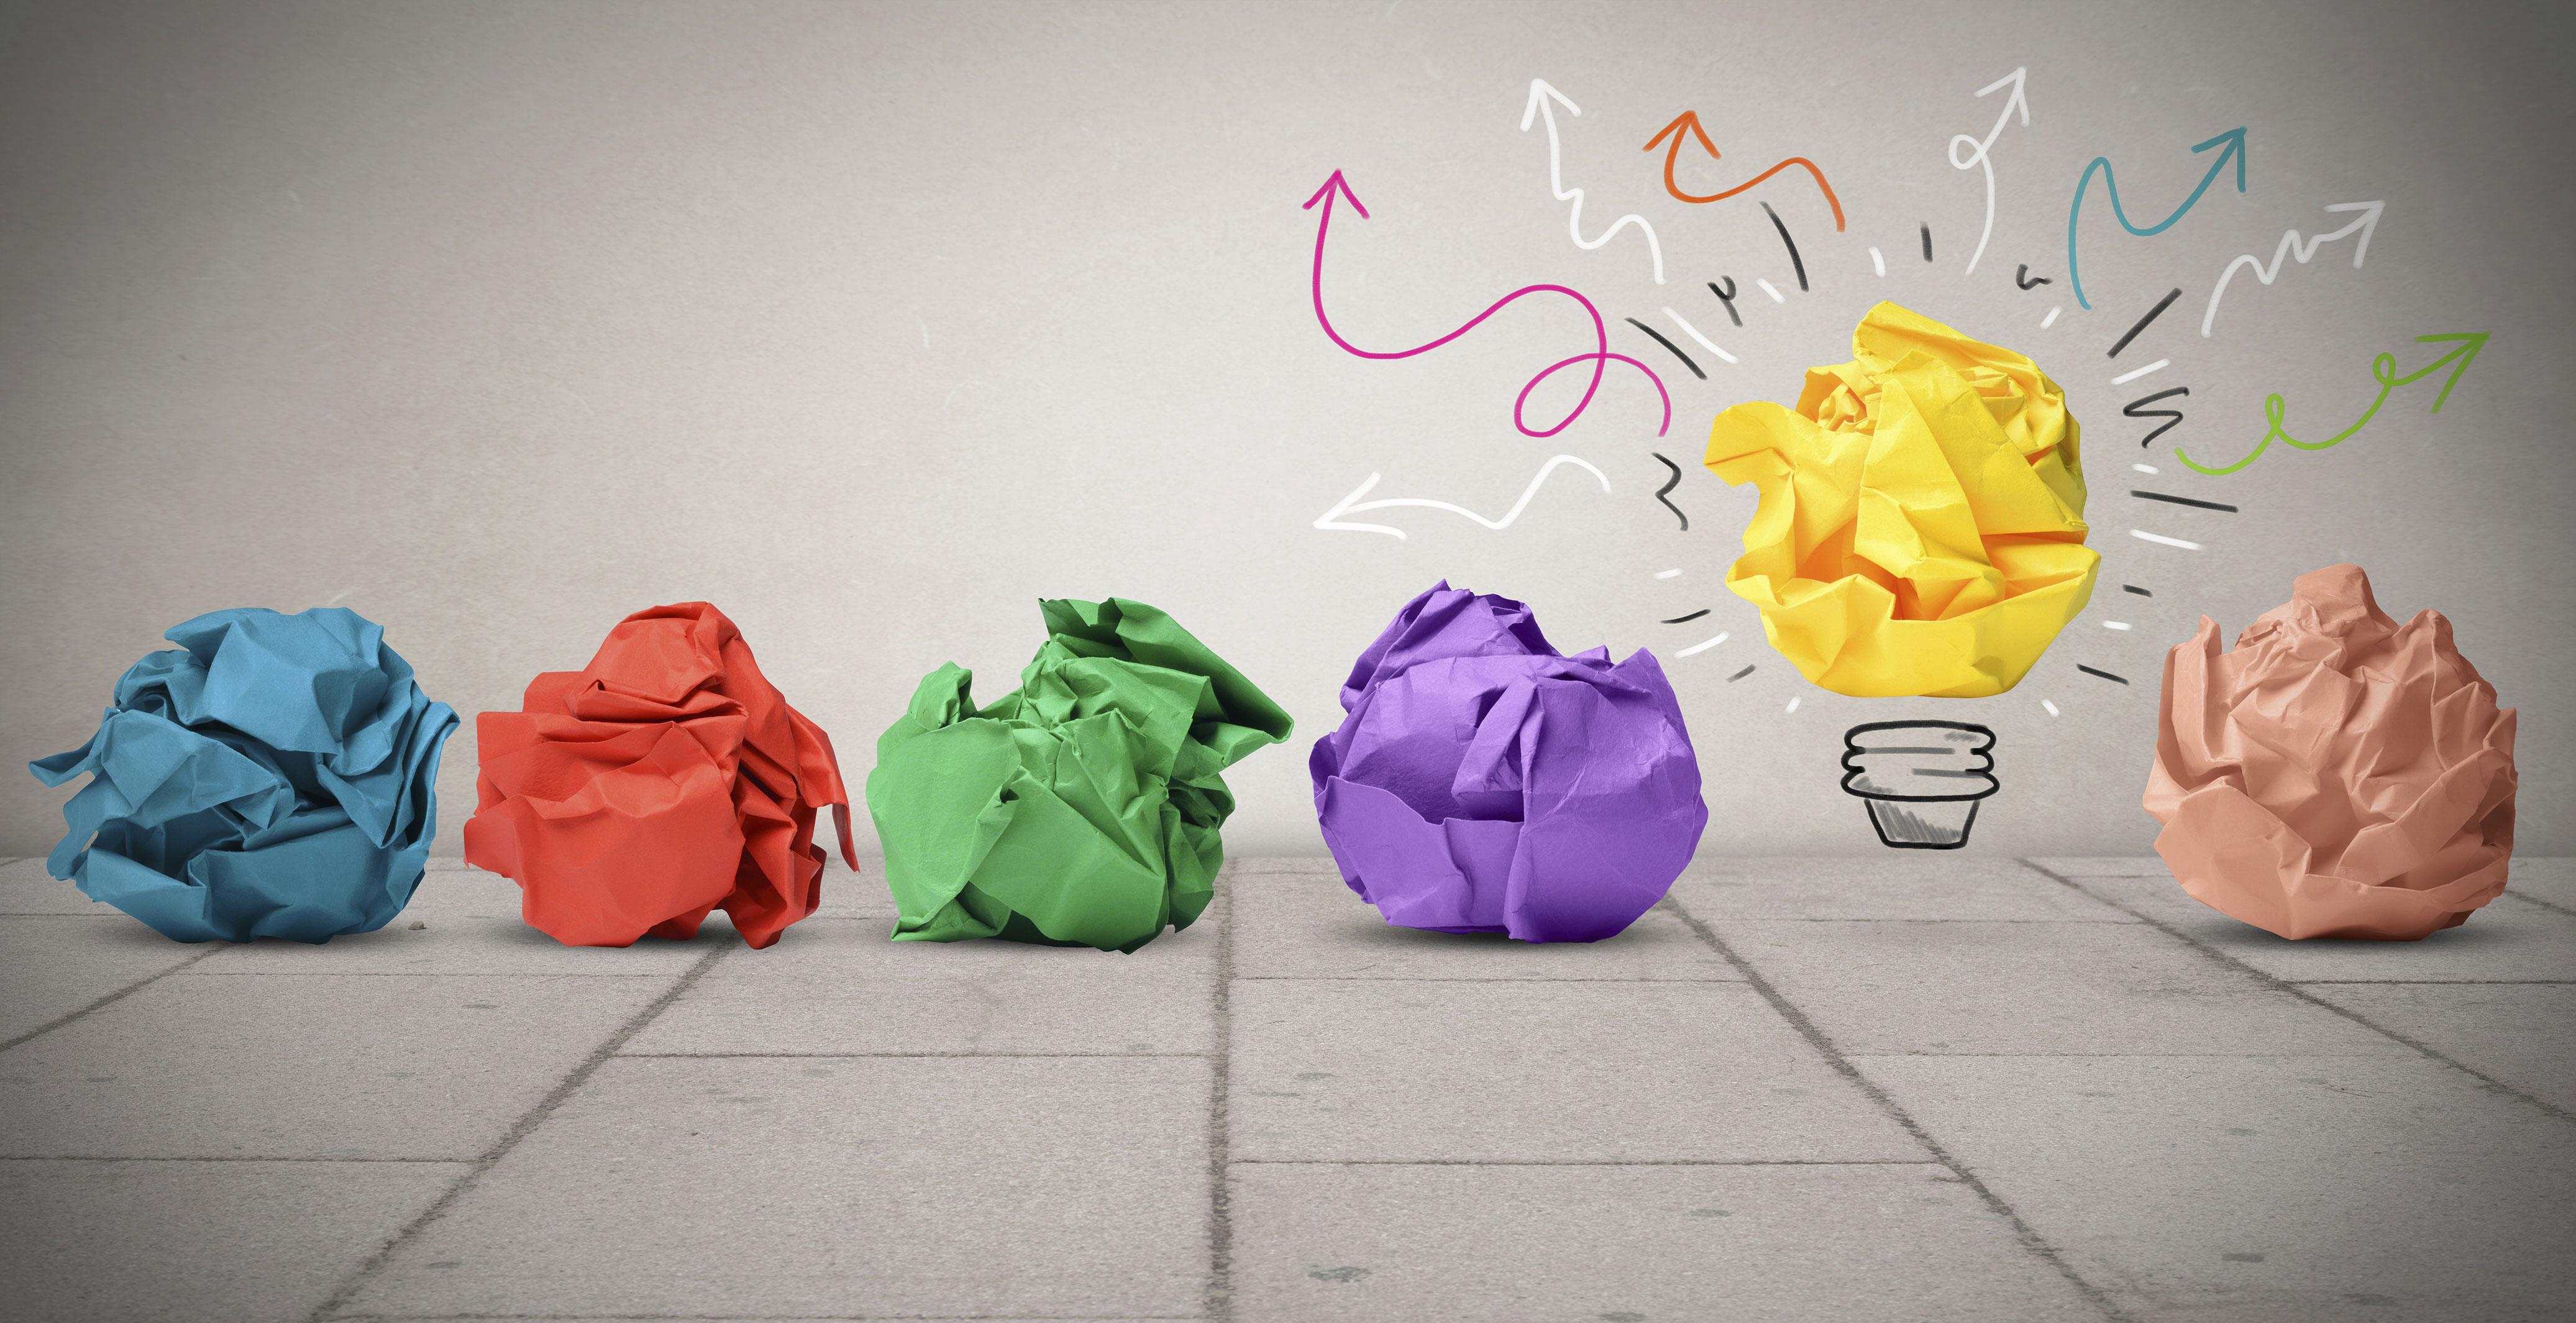 La via del comunicatore, quando la creatività è esercizio quotidiano